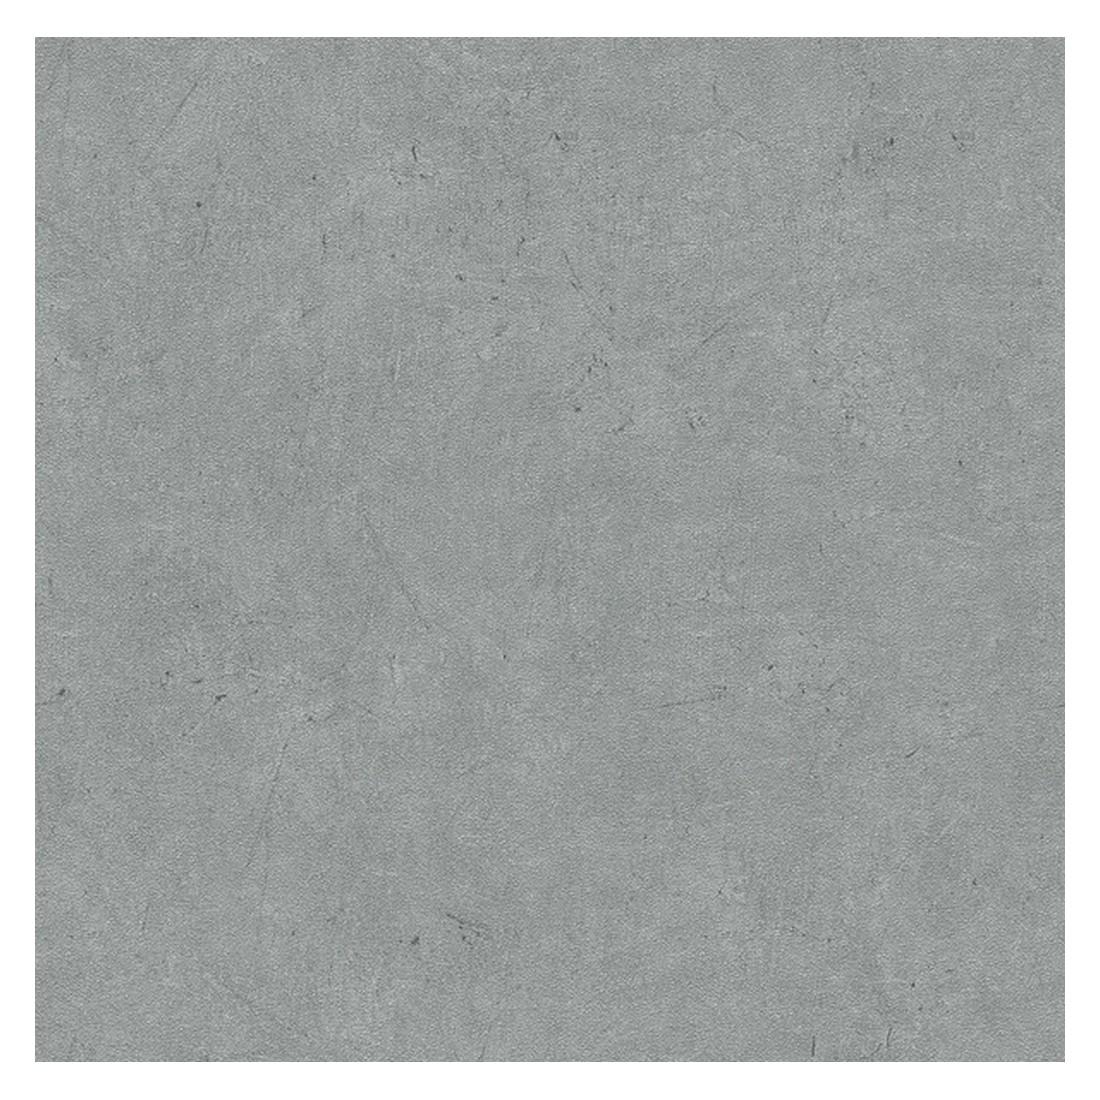 Tapete Daniel Hechter – grau – fein strukturiert, Daniel Hechter jetzt bestellen